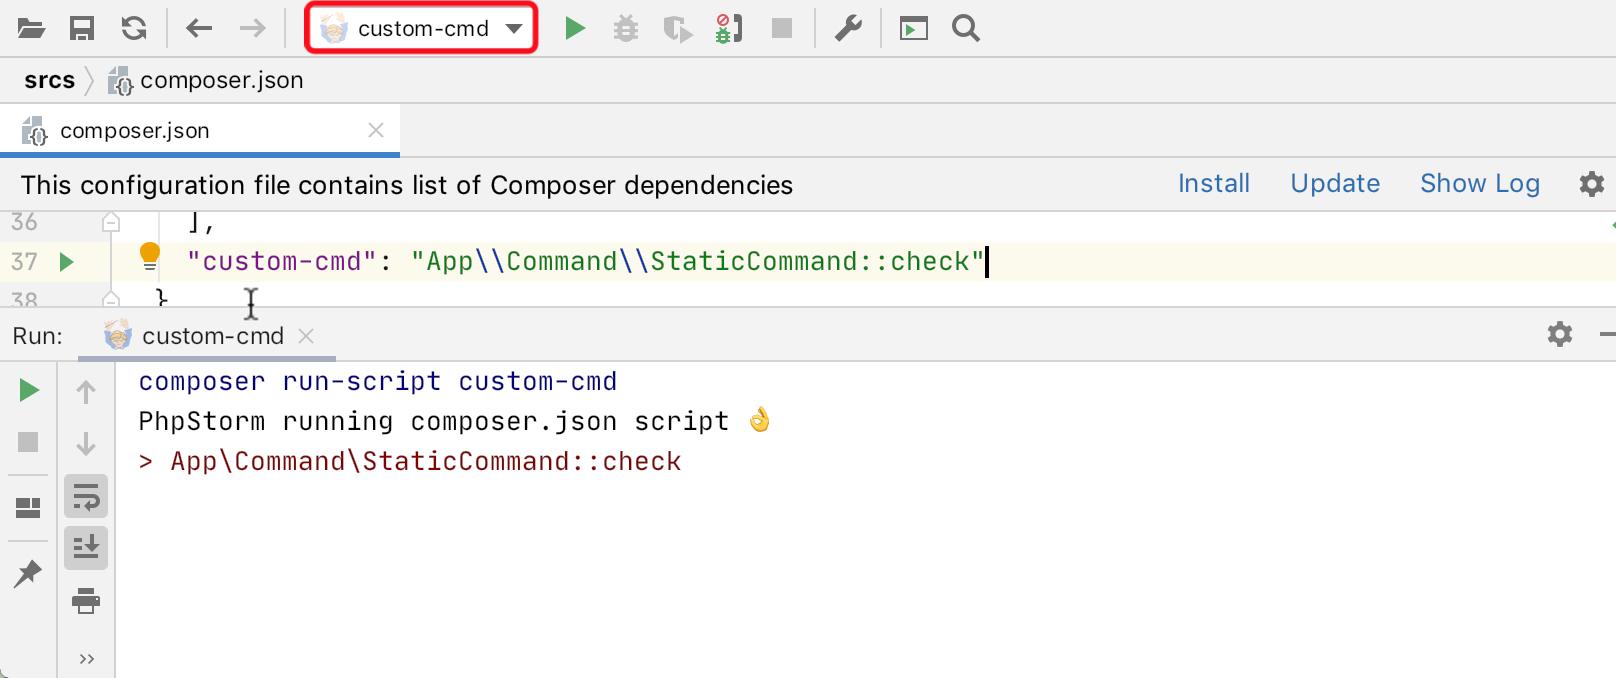 composer-json_scripts_run-config@2x